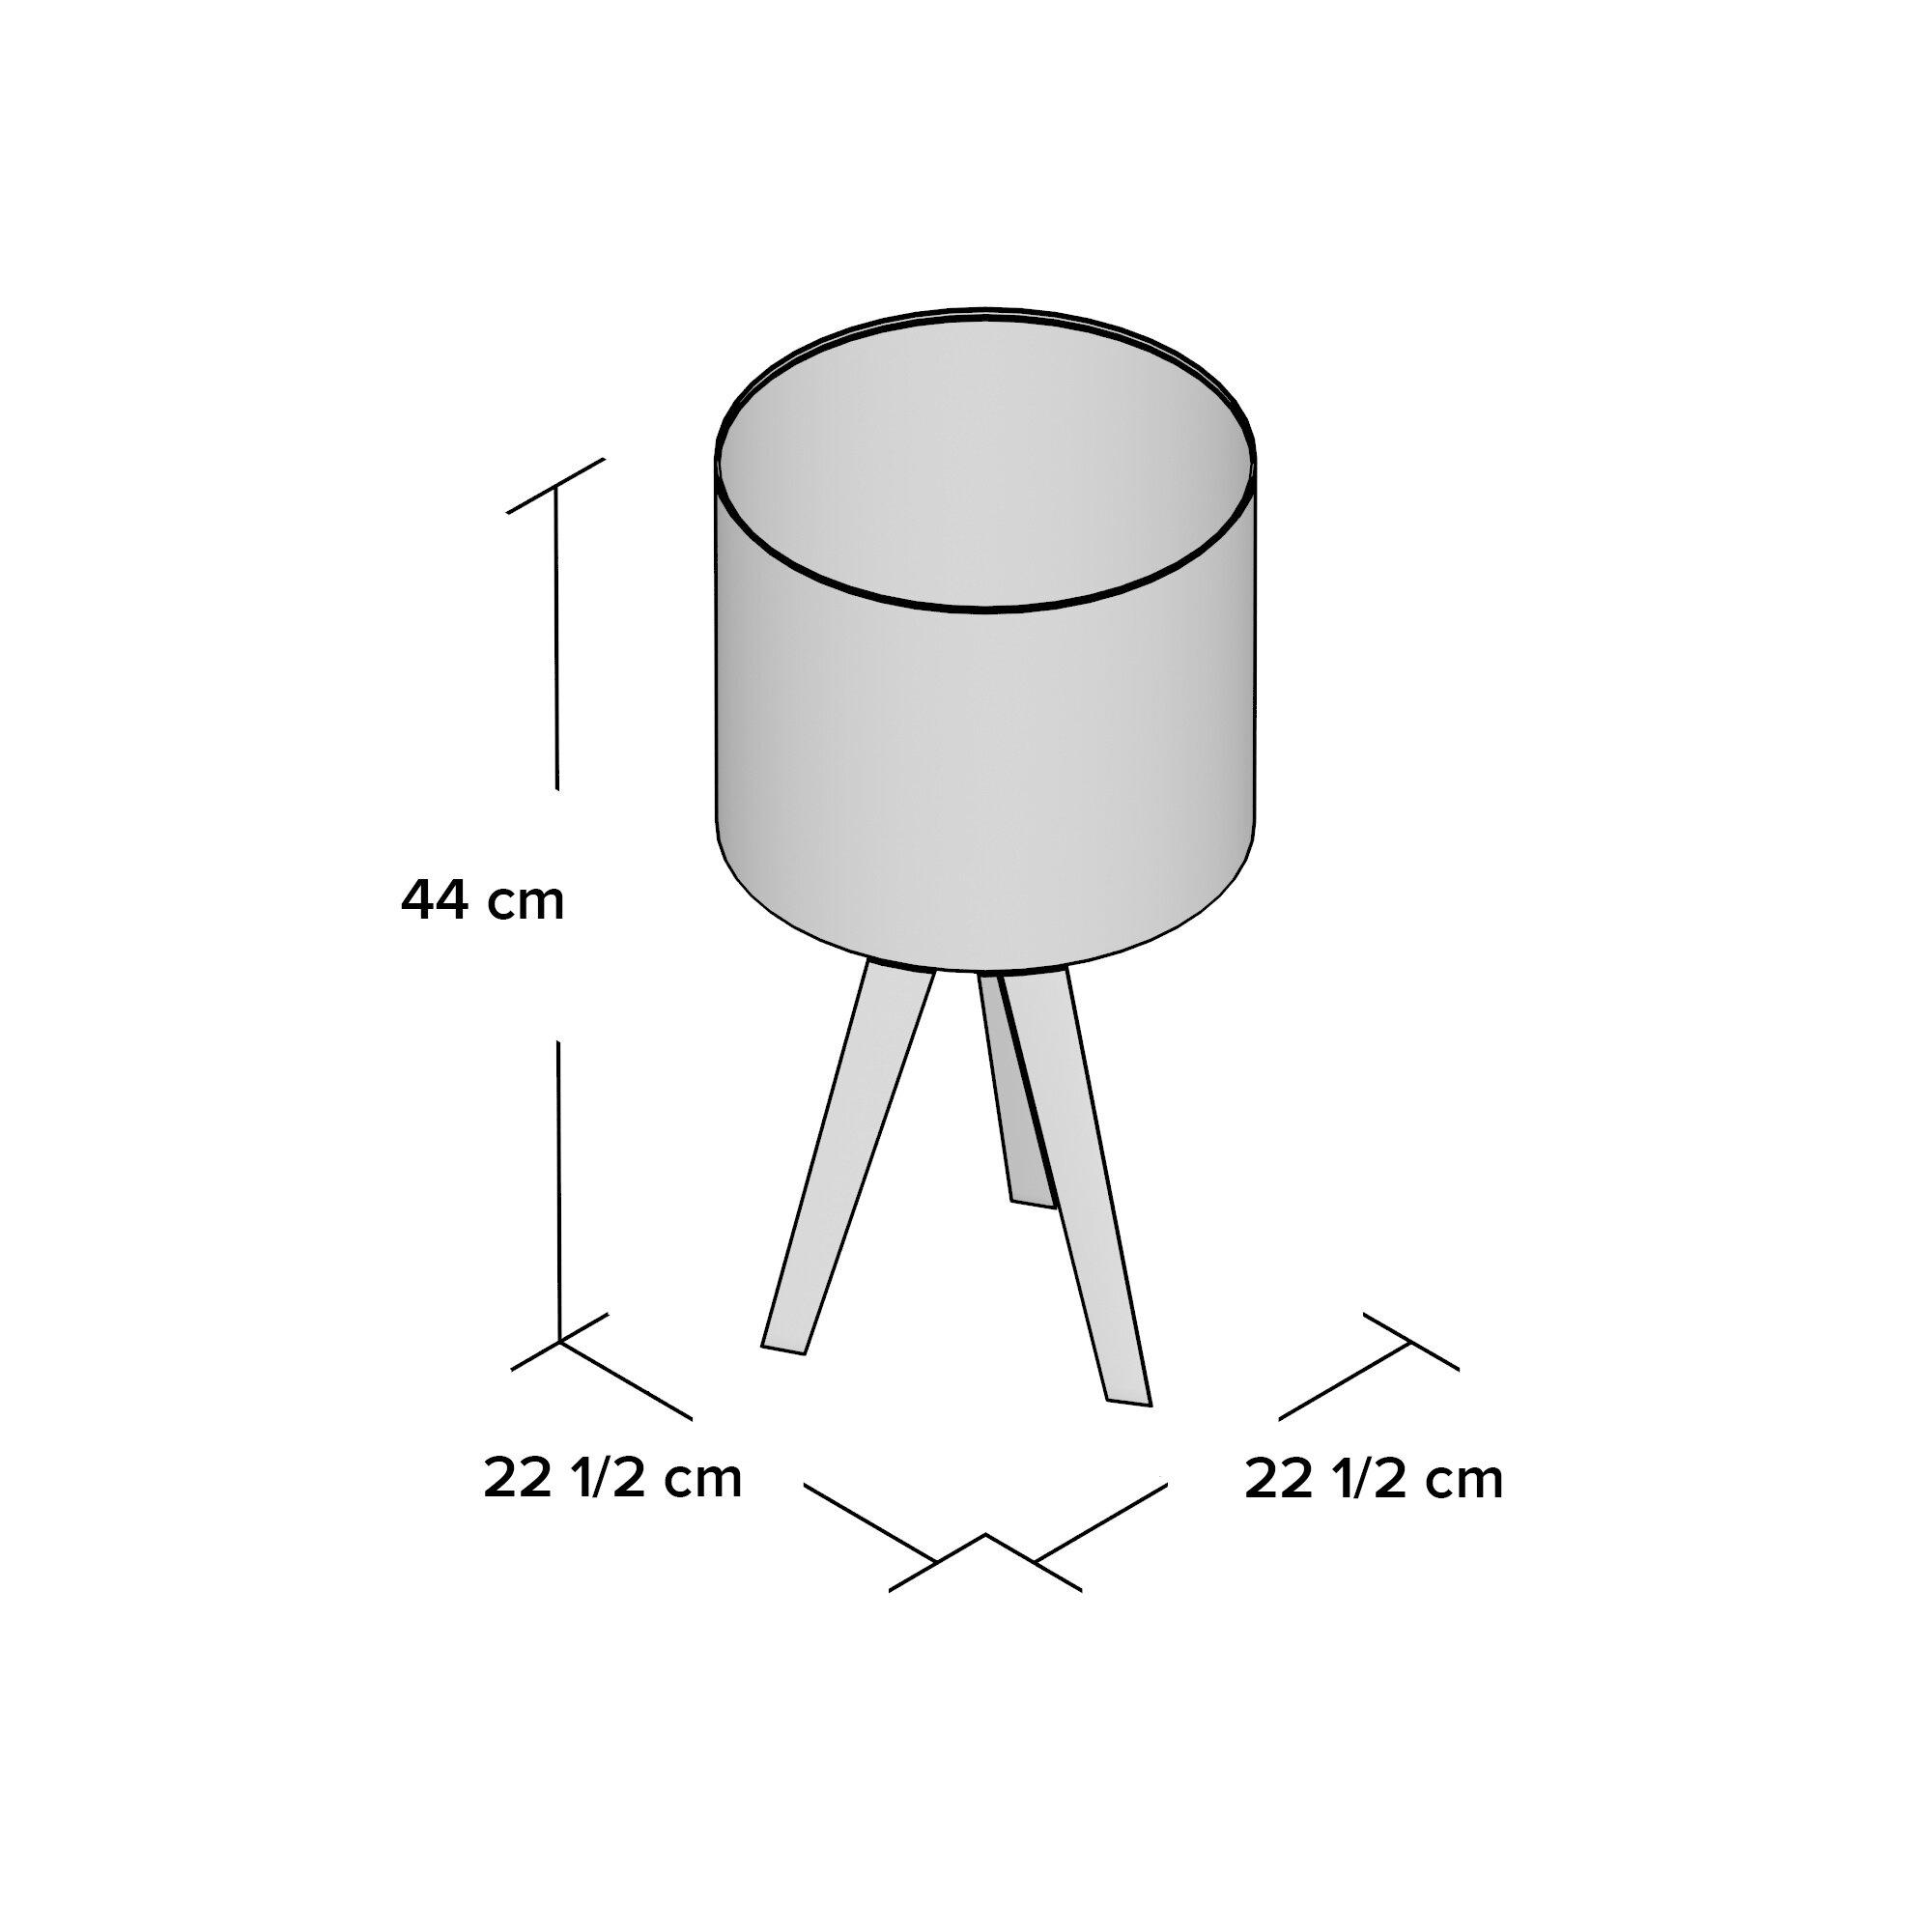 download kullen badezimmermöbel 5-tlg | vitaplaza, Badezimmer ideen